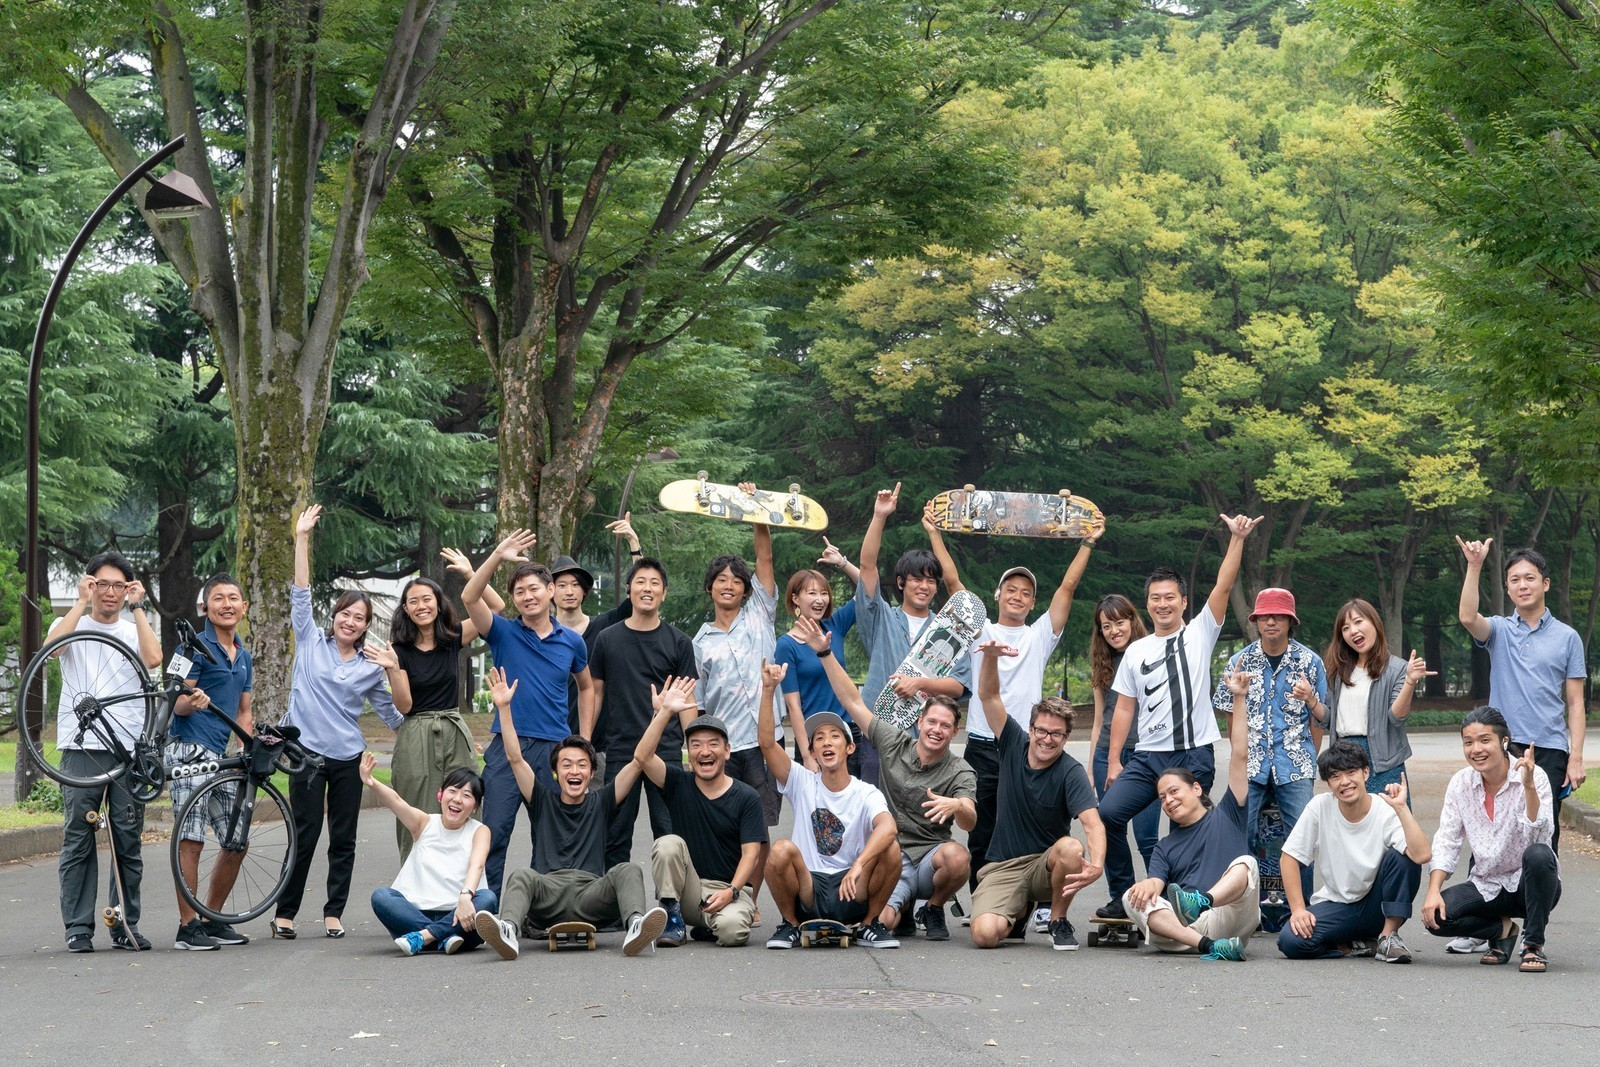 【フロントエンドエンジニア】日本を代表するハードウェアスタートアップのフロントエンドエンジニアを募集!